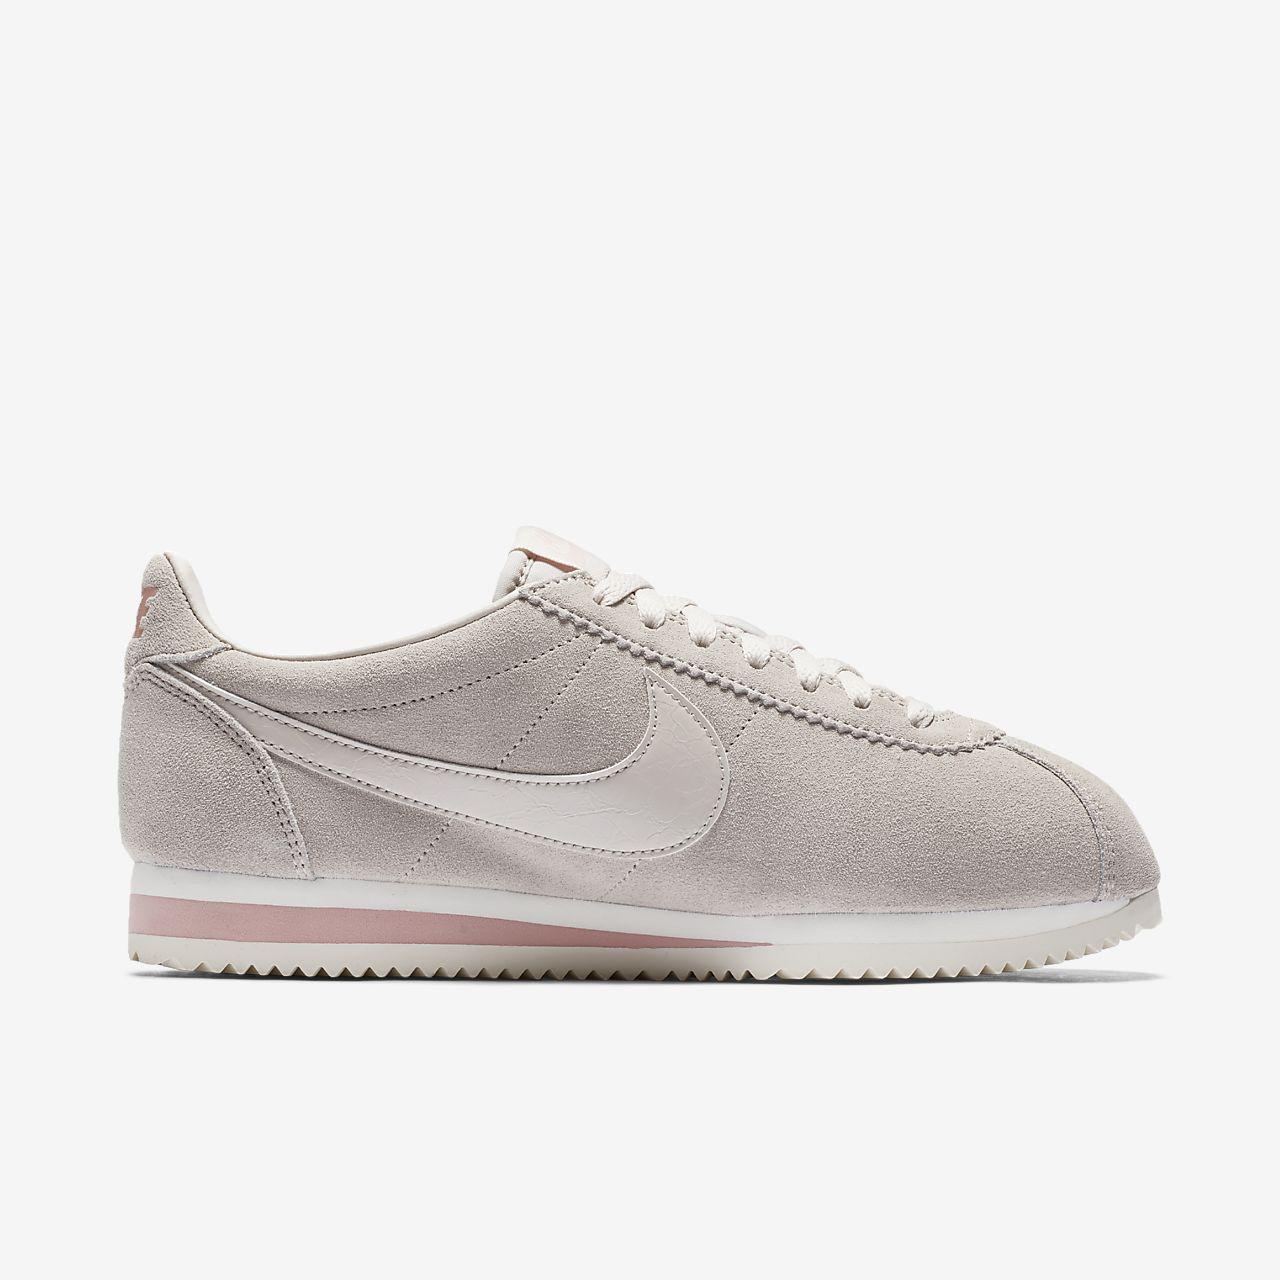 ... Nike Classic Cortez Suede Women's Shoe